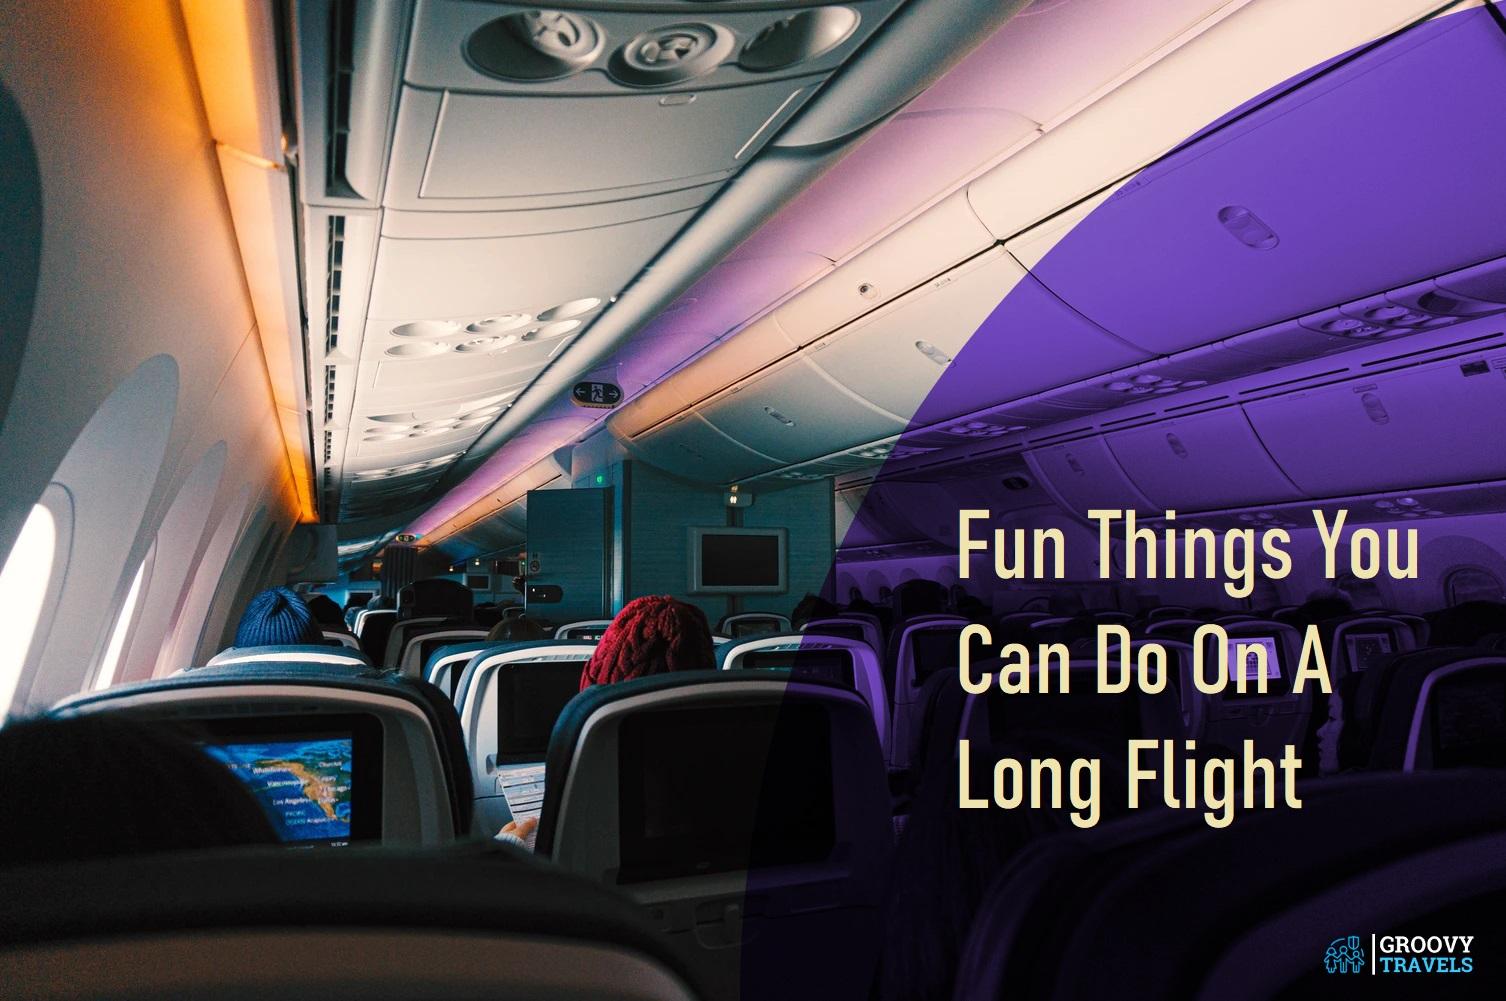 Fun Things You Can Do On A Long Flight